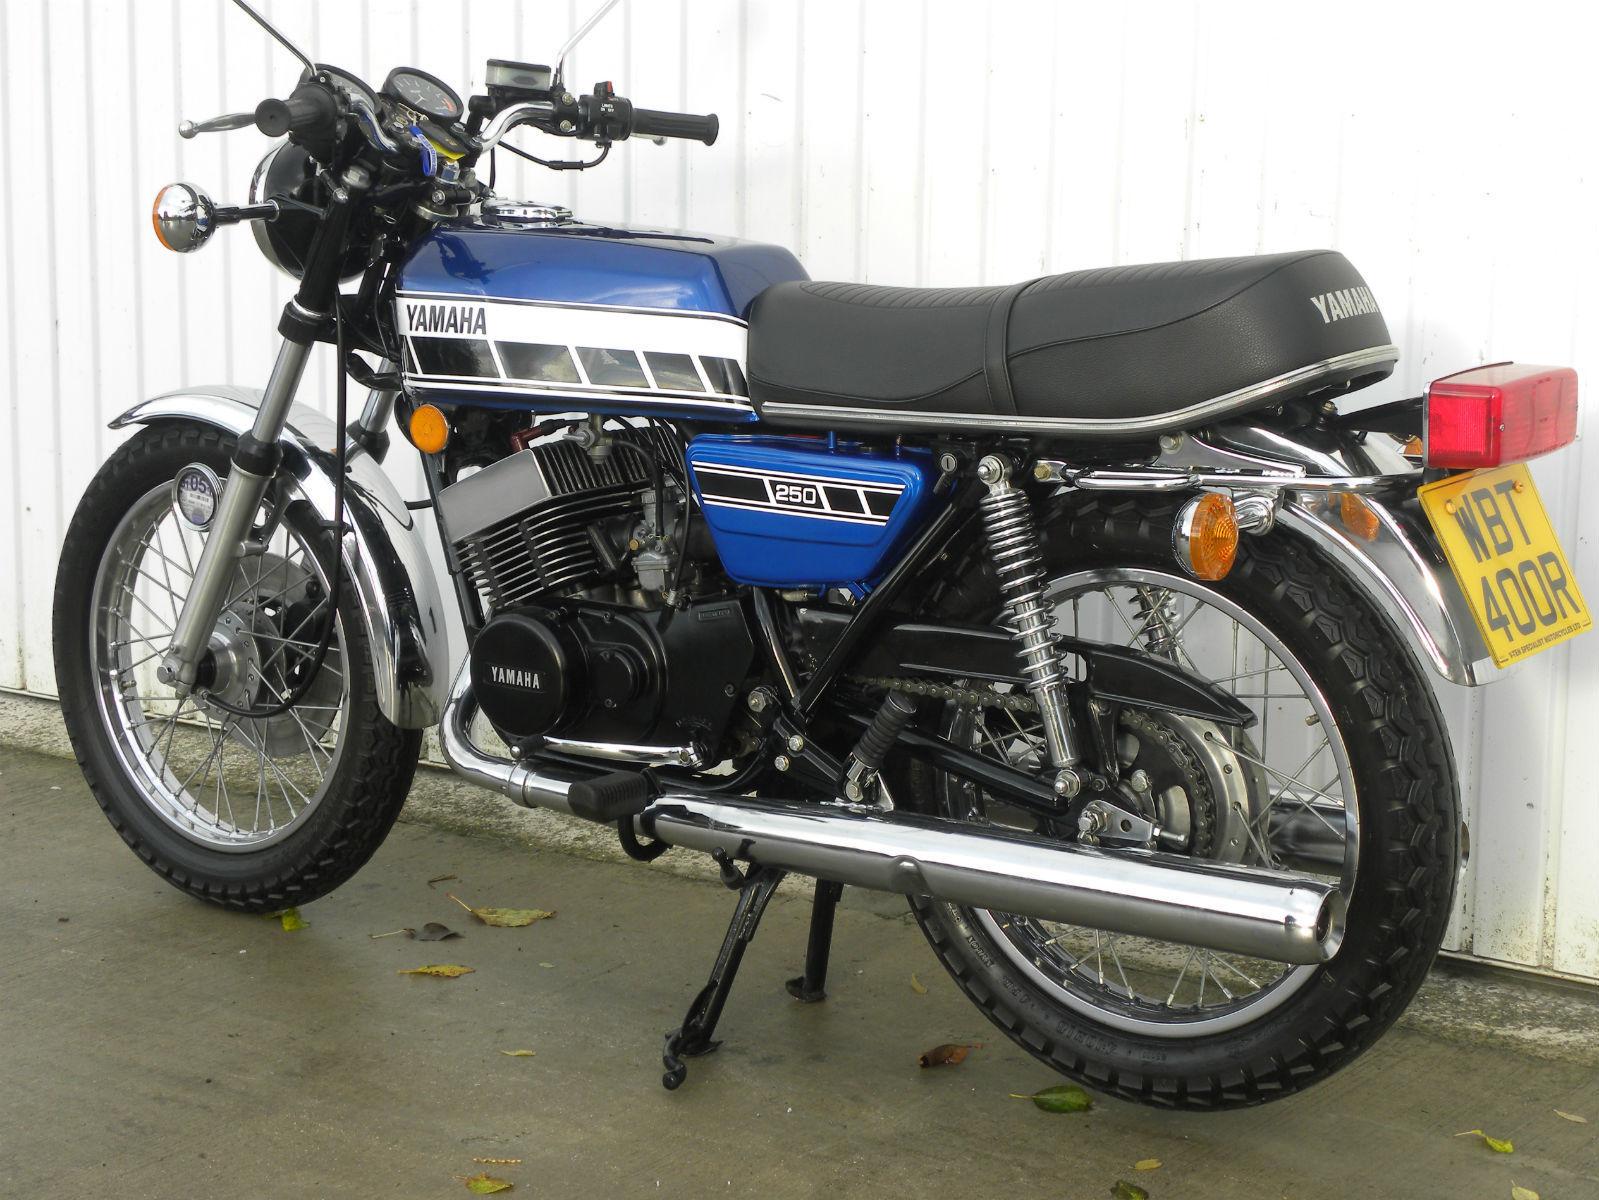 Yamaha rd250c 1976 247cc mot 39 d february 2015 for 1976 yamaha 650 for sale